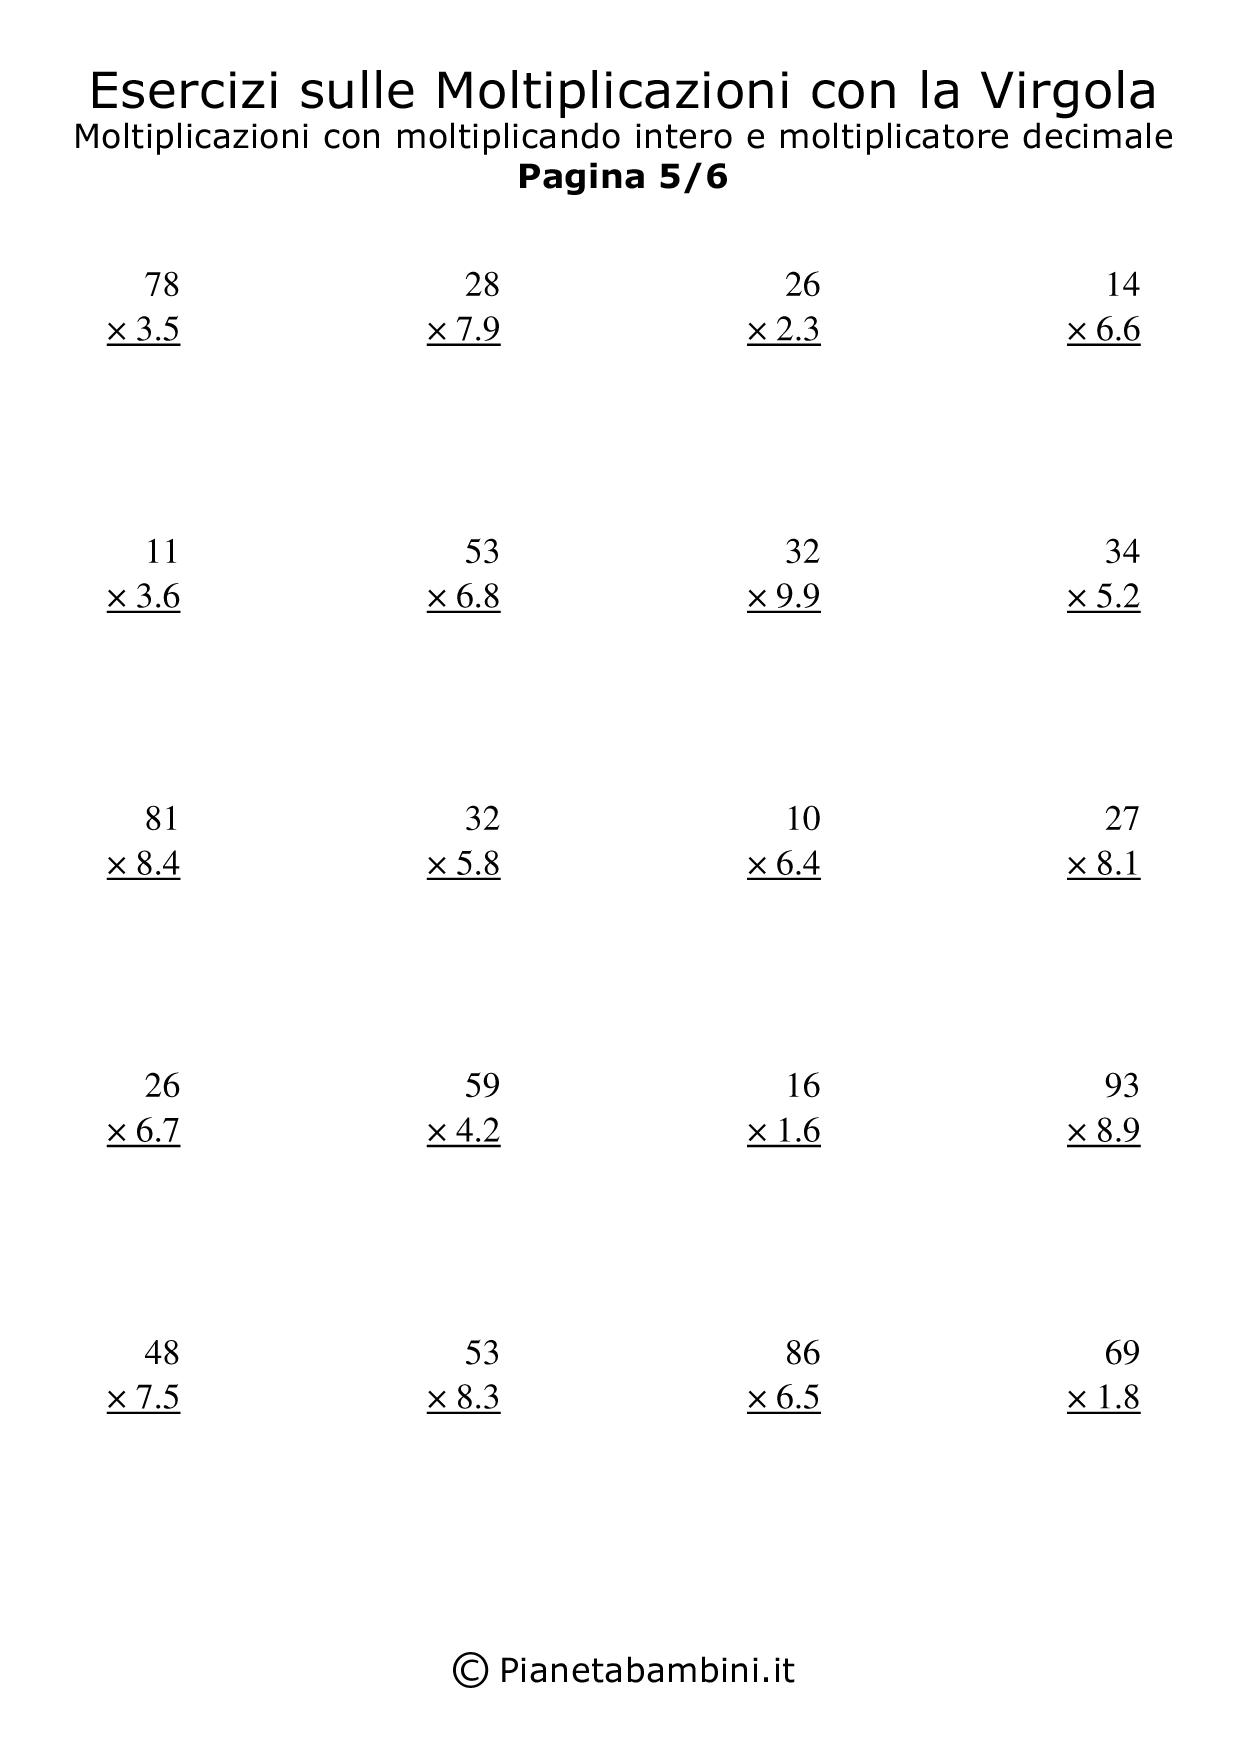 Moltiplicazioni-Virgola-Intero-X-Decimale_5